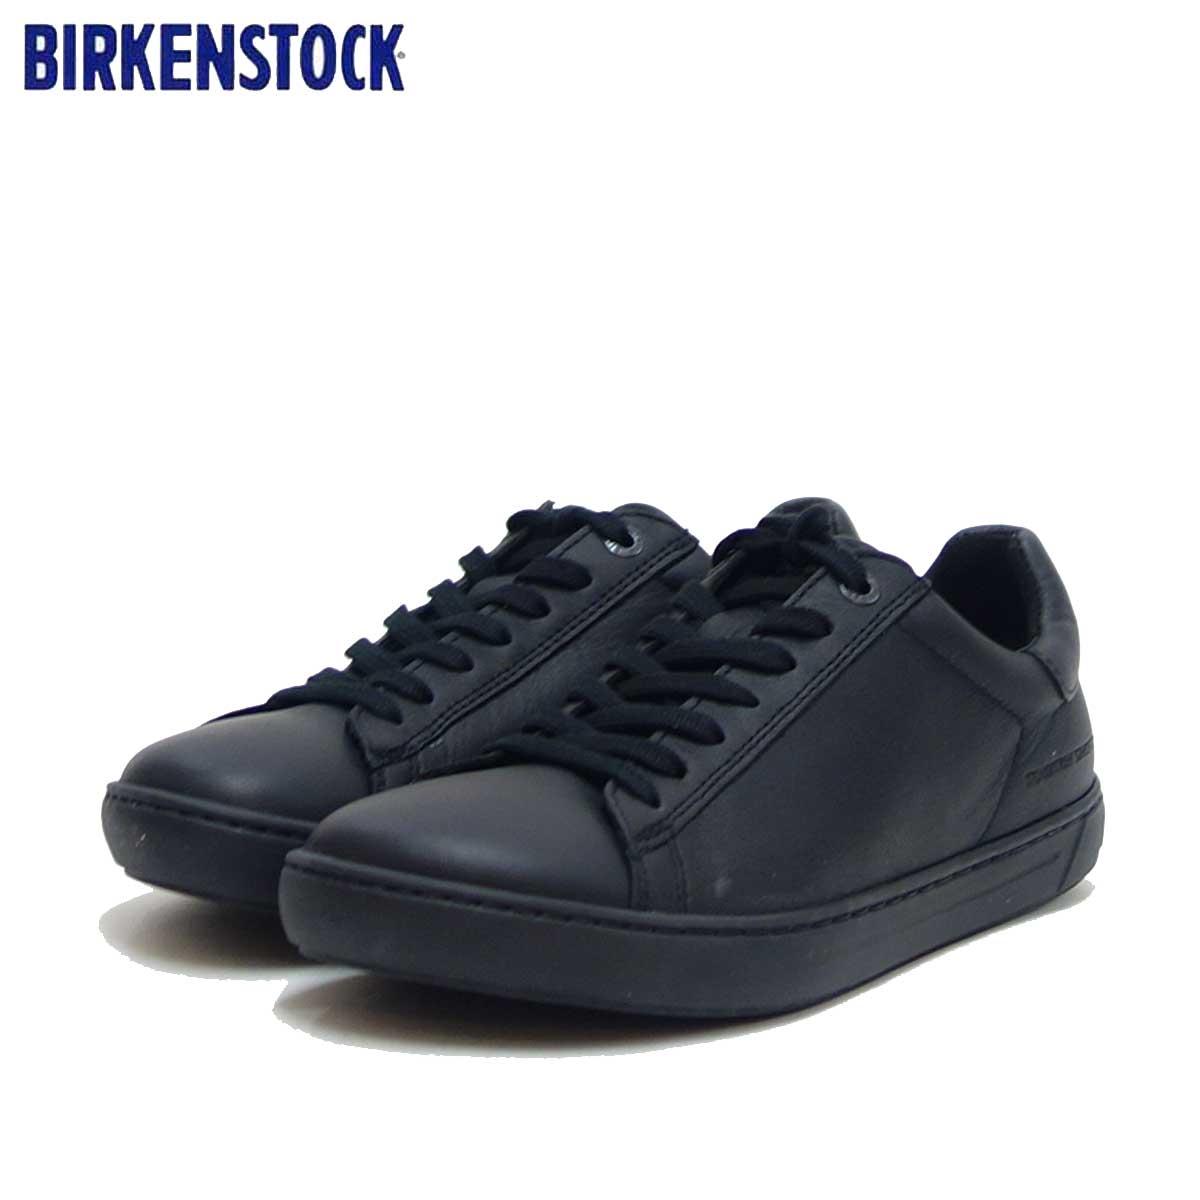 BIRKENSTOCK ビルケンシュトック LEVIN(レビン) 1013416(天然皮革/ブラック)メンズ 「靴」